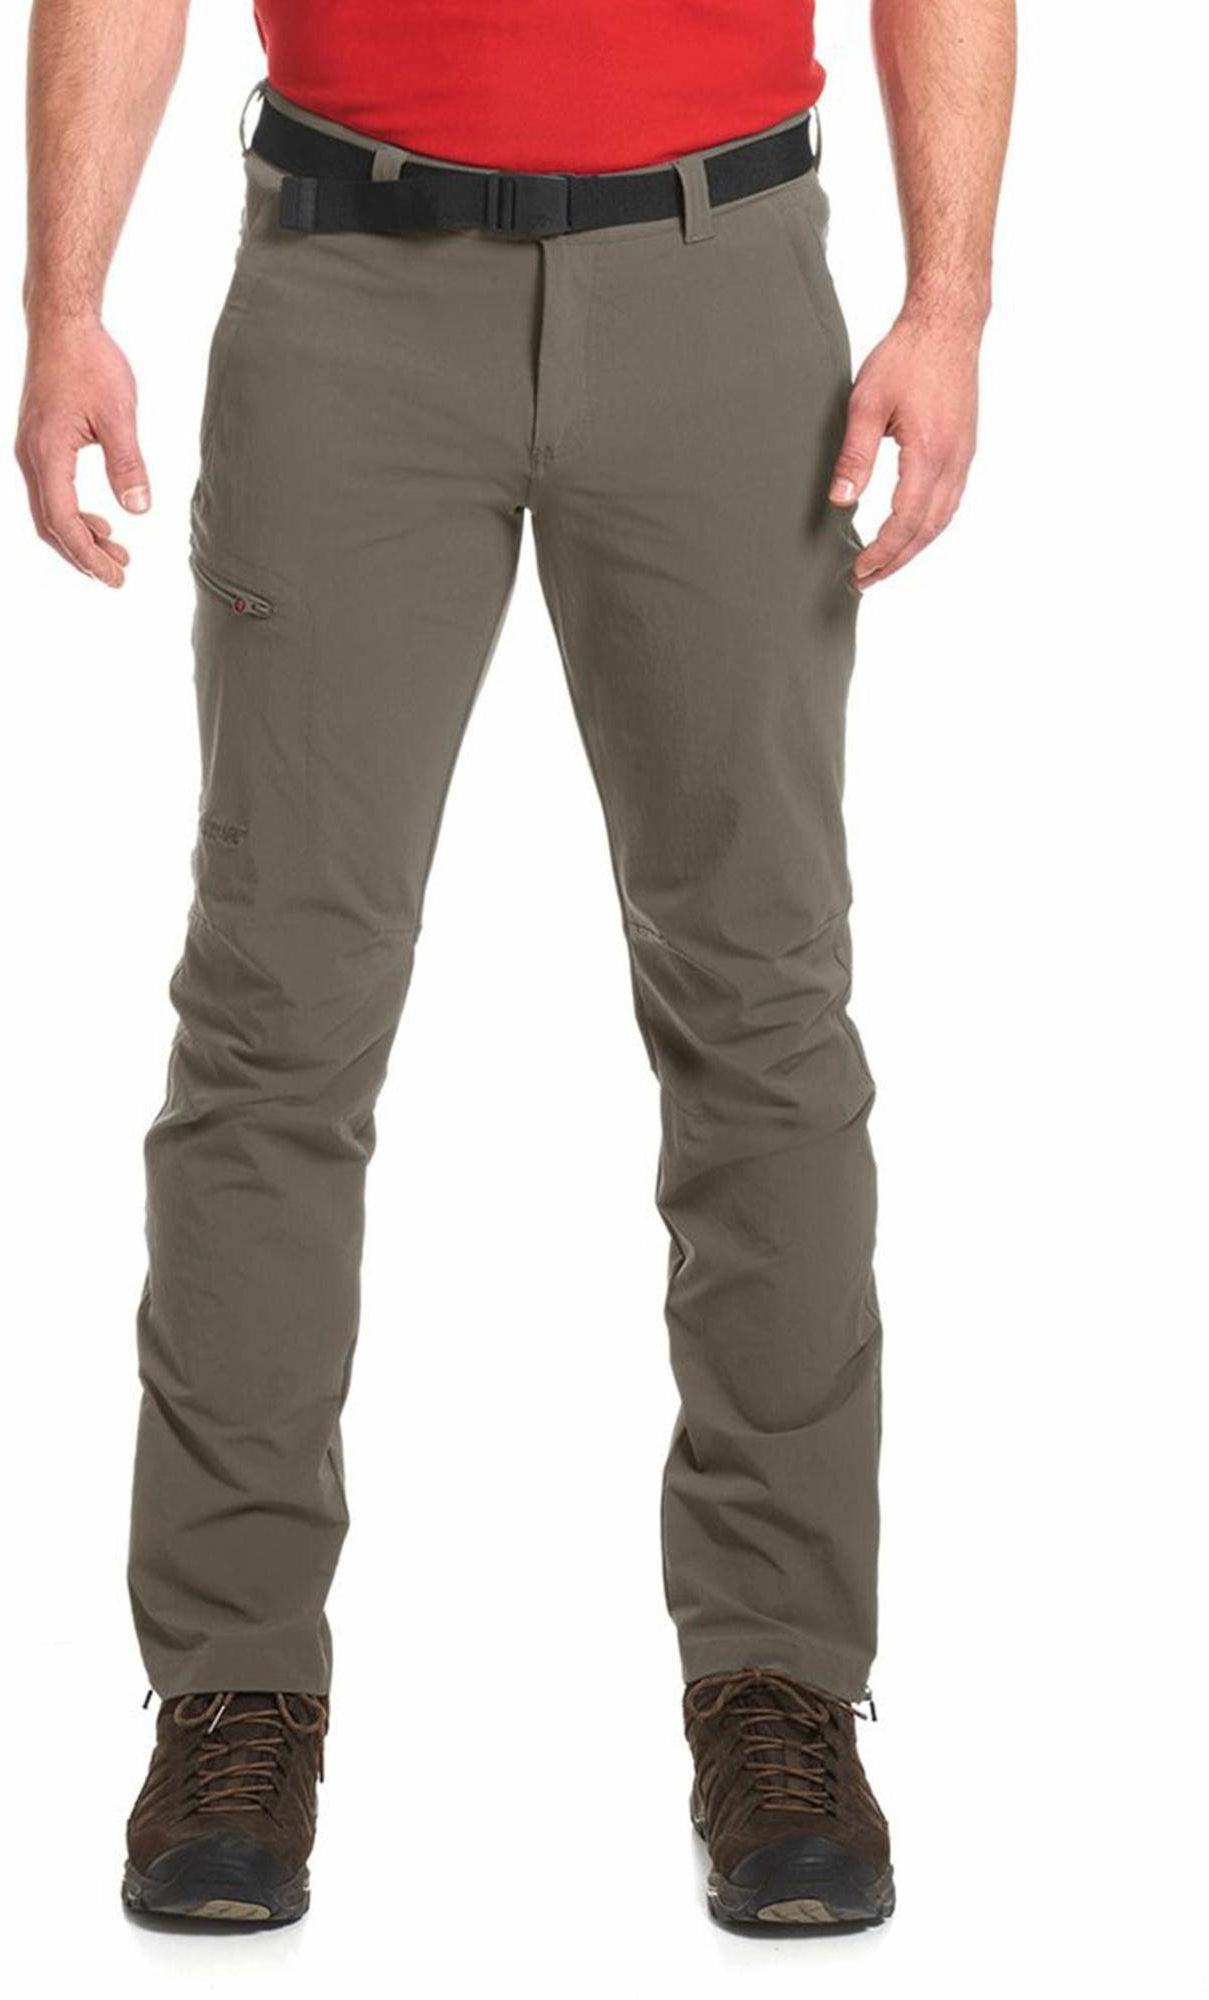 Maier Sports Męskie spodnie trekkingowe Torid Slim oliwkowo-zielony Oliwkowa zieleń (teak/780) 28